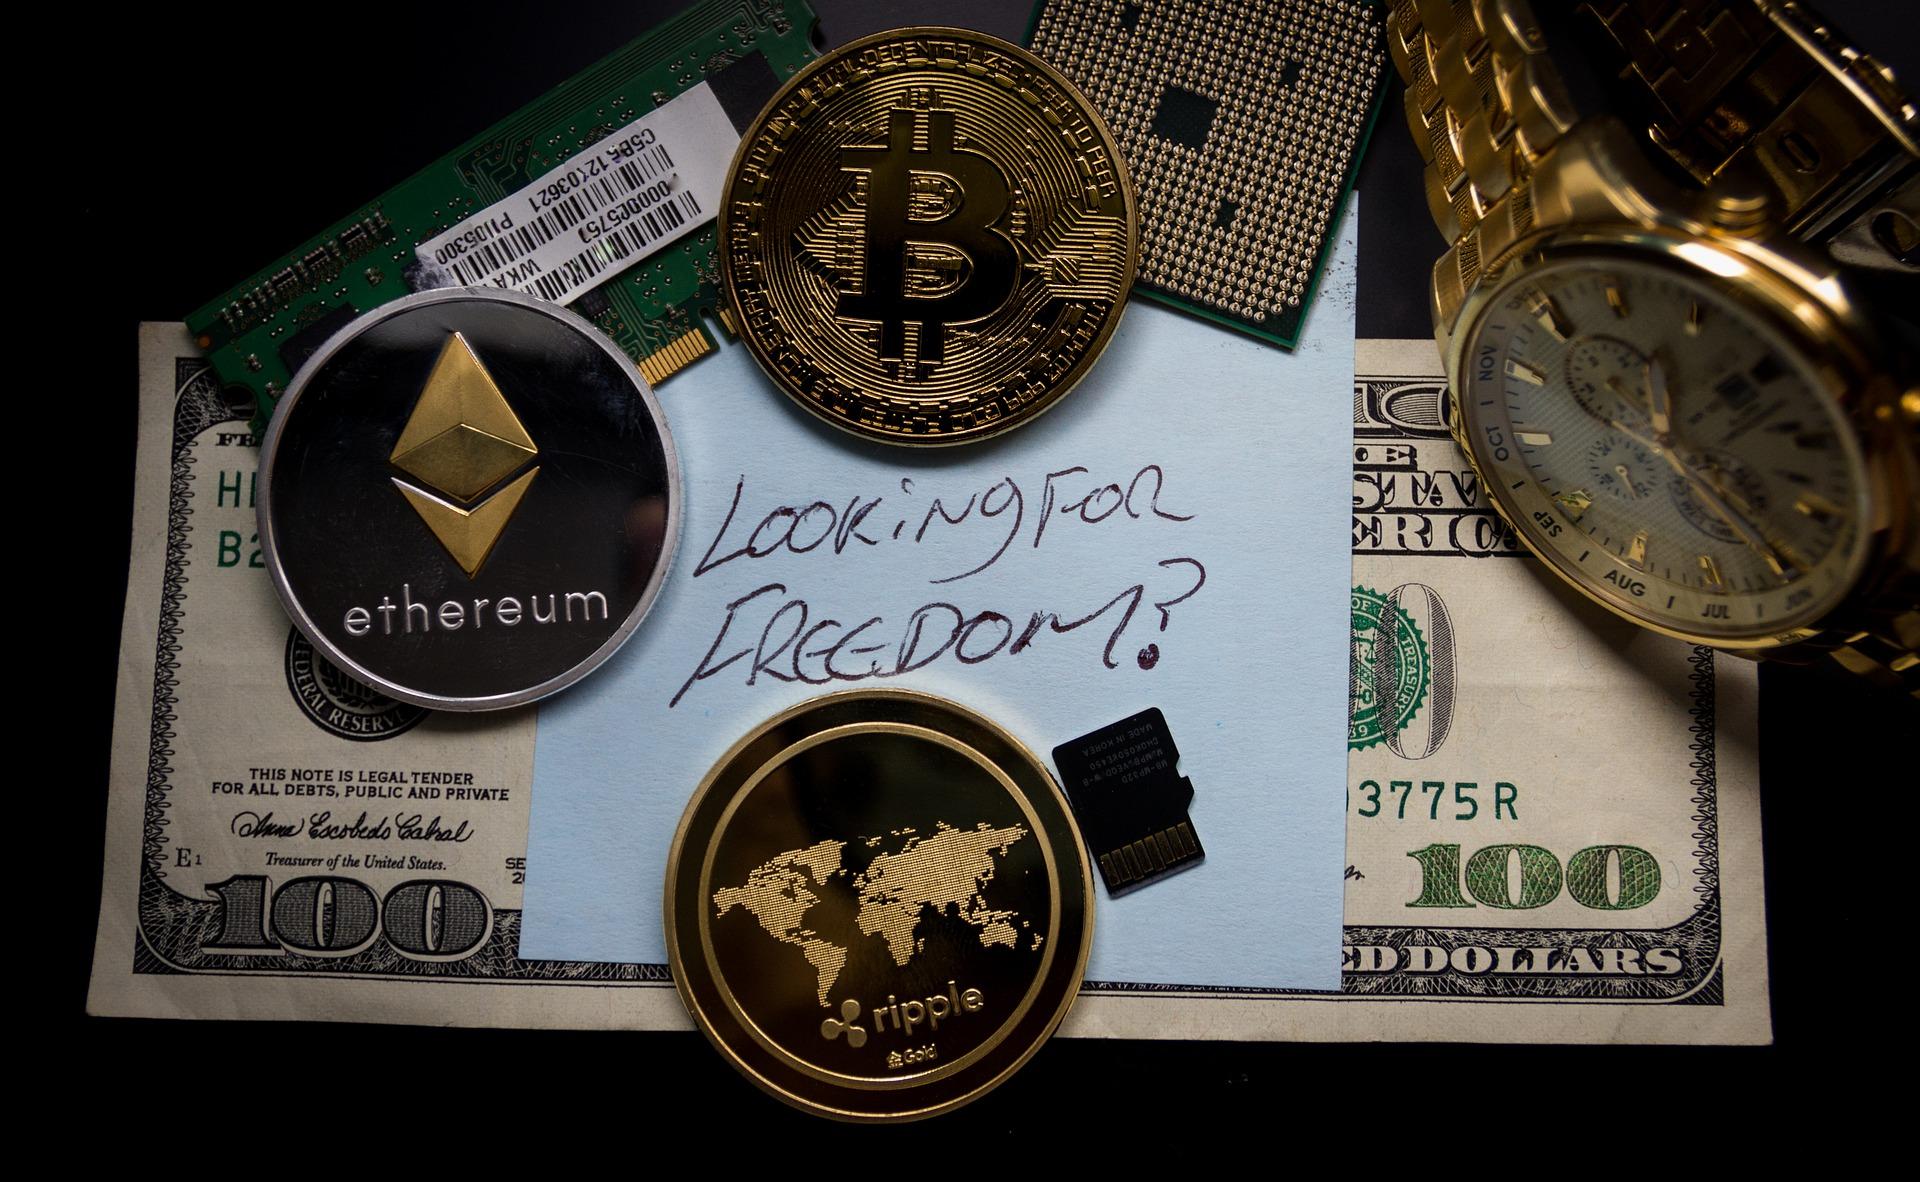 Mi ez az őrület? Mégis mi történik a bitcoinnal?